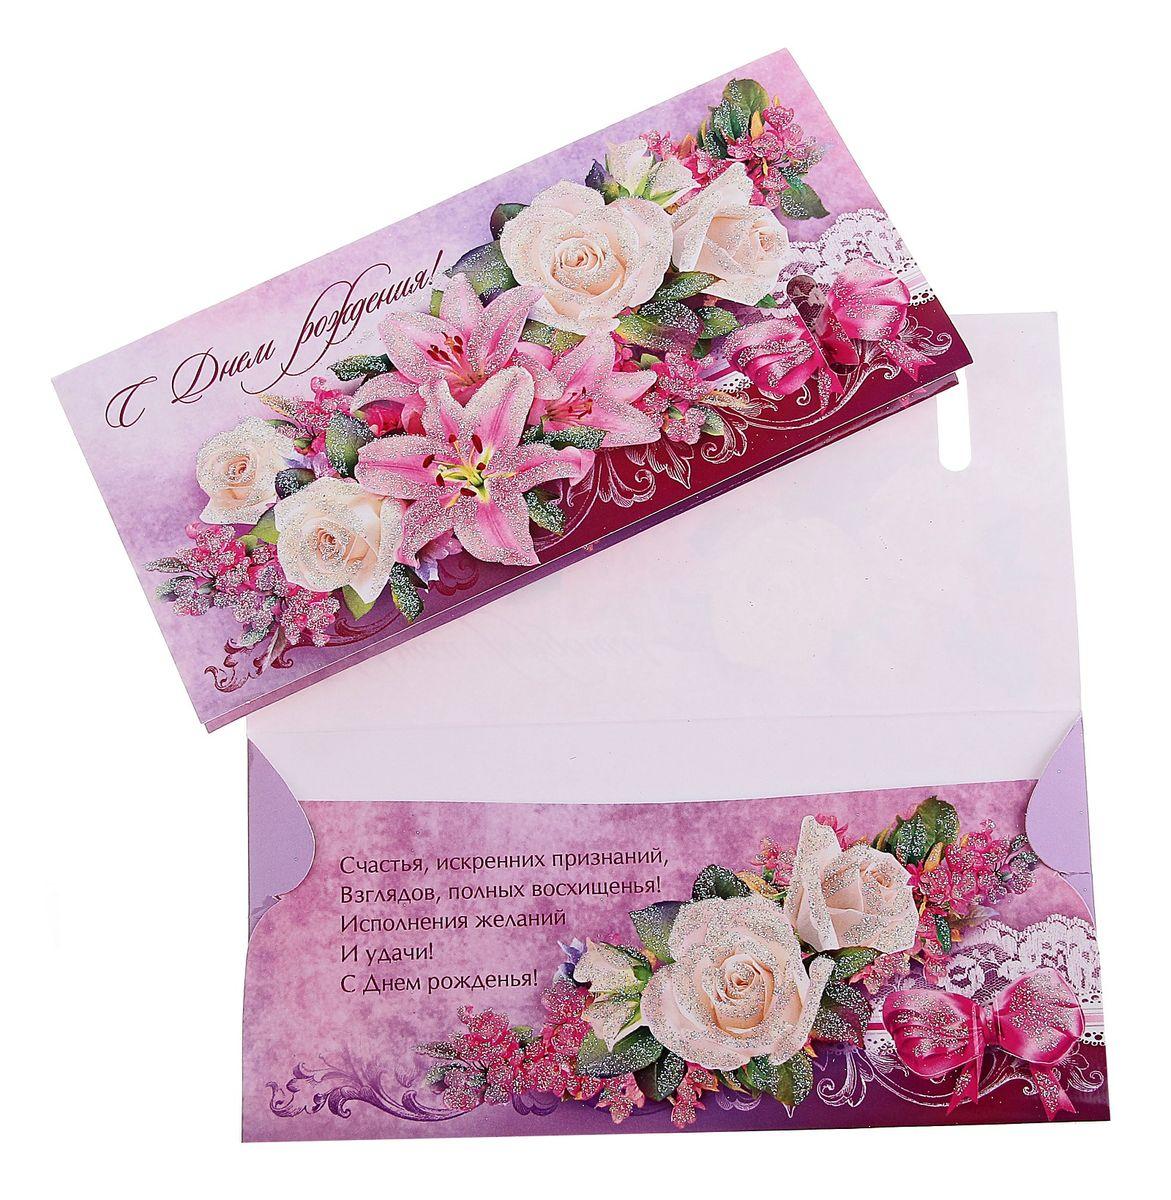 Открытки конверты для денег на день рождения фото, вставить картинку